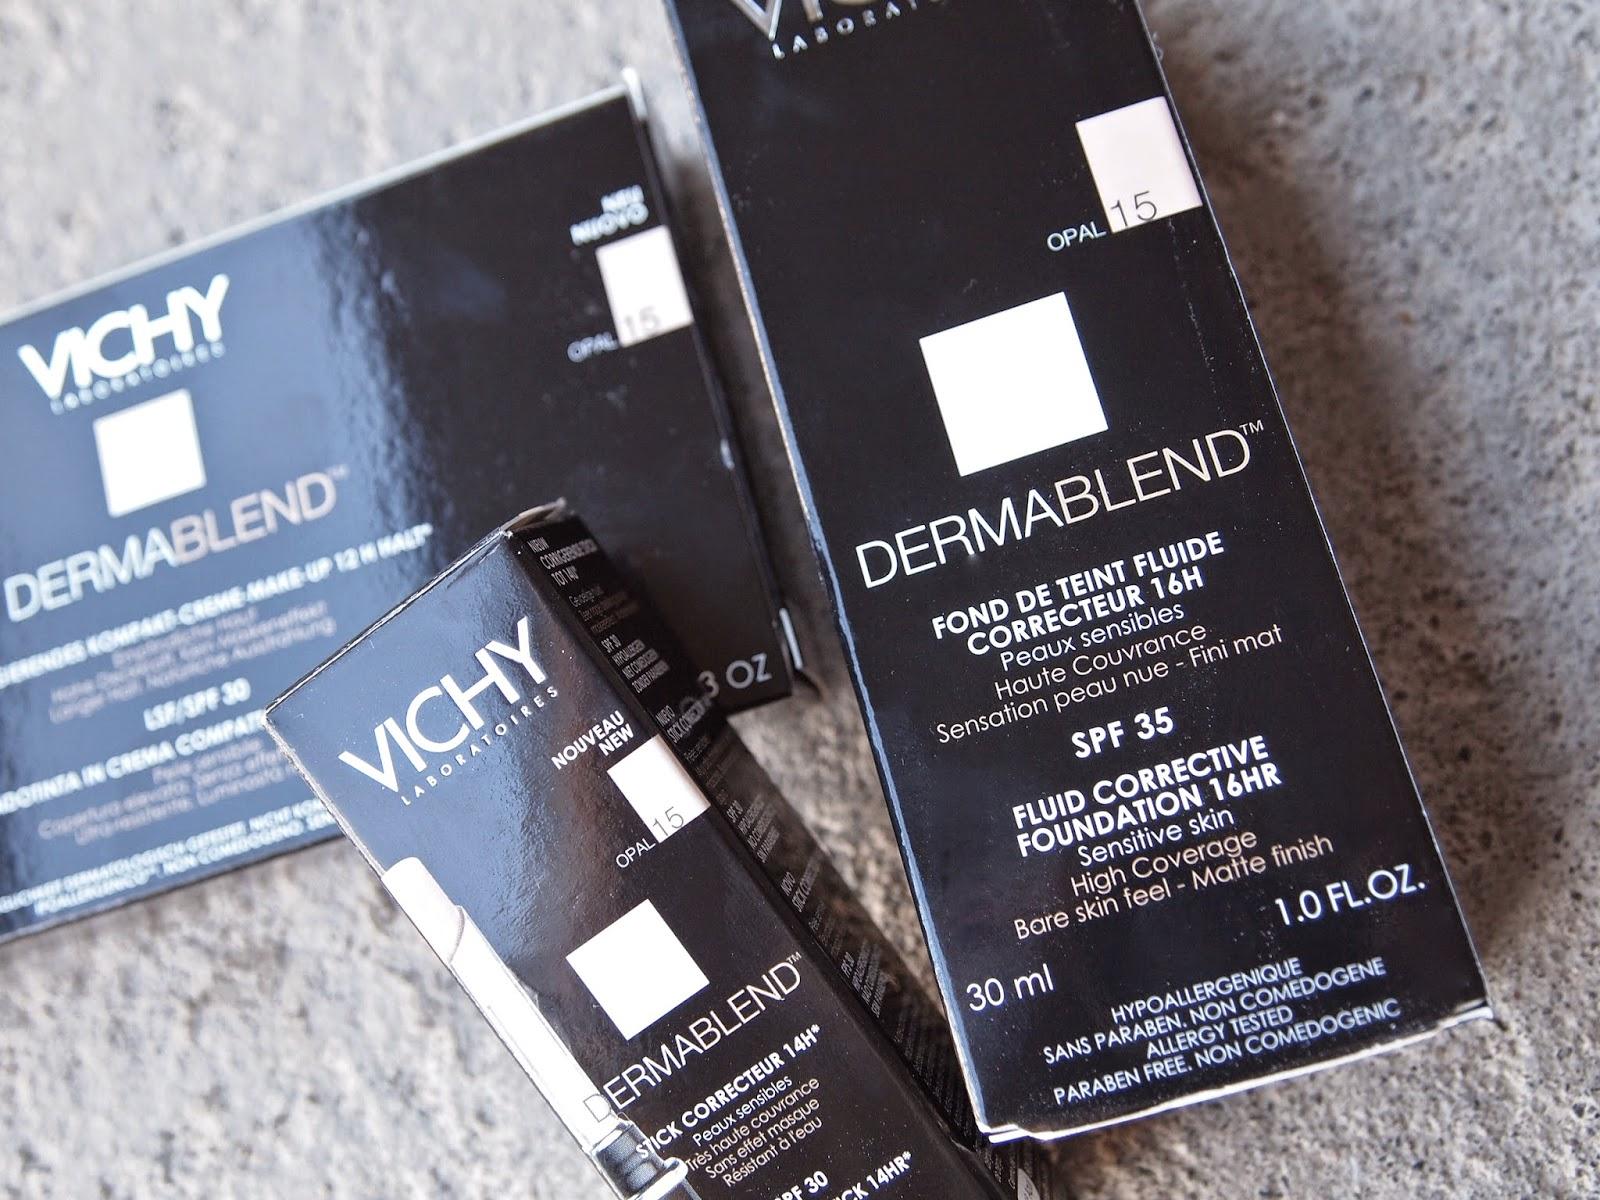 Vil du teste Vichy Dermablend?